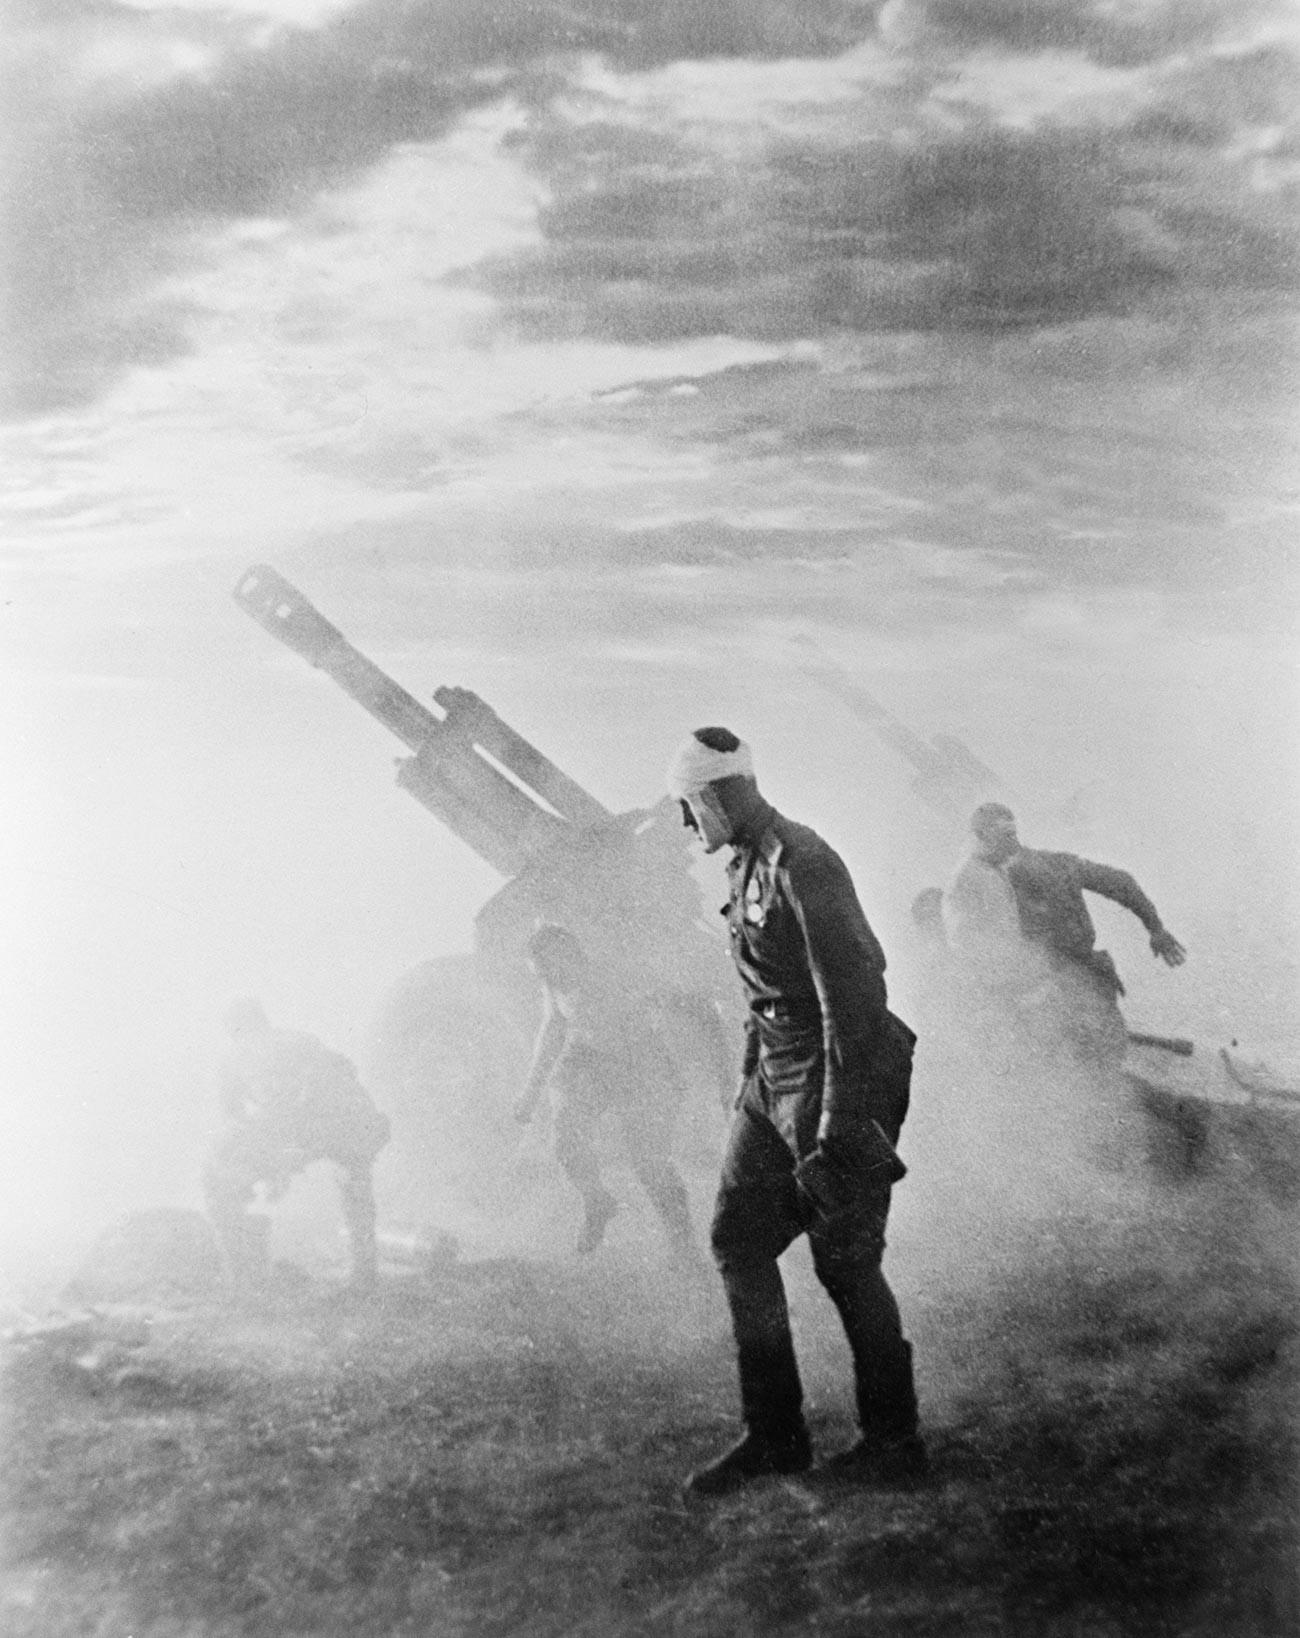 Artillerie-Soldaten der Zweiten Belorussischen Front, 1944.